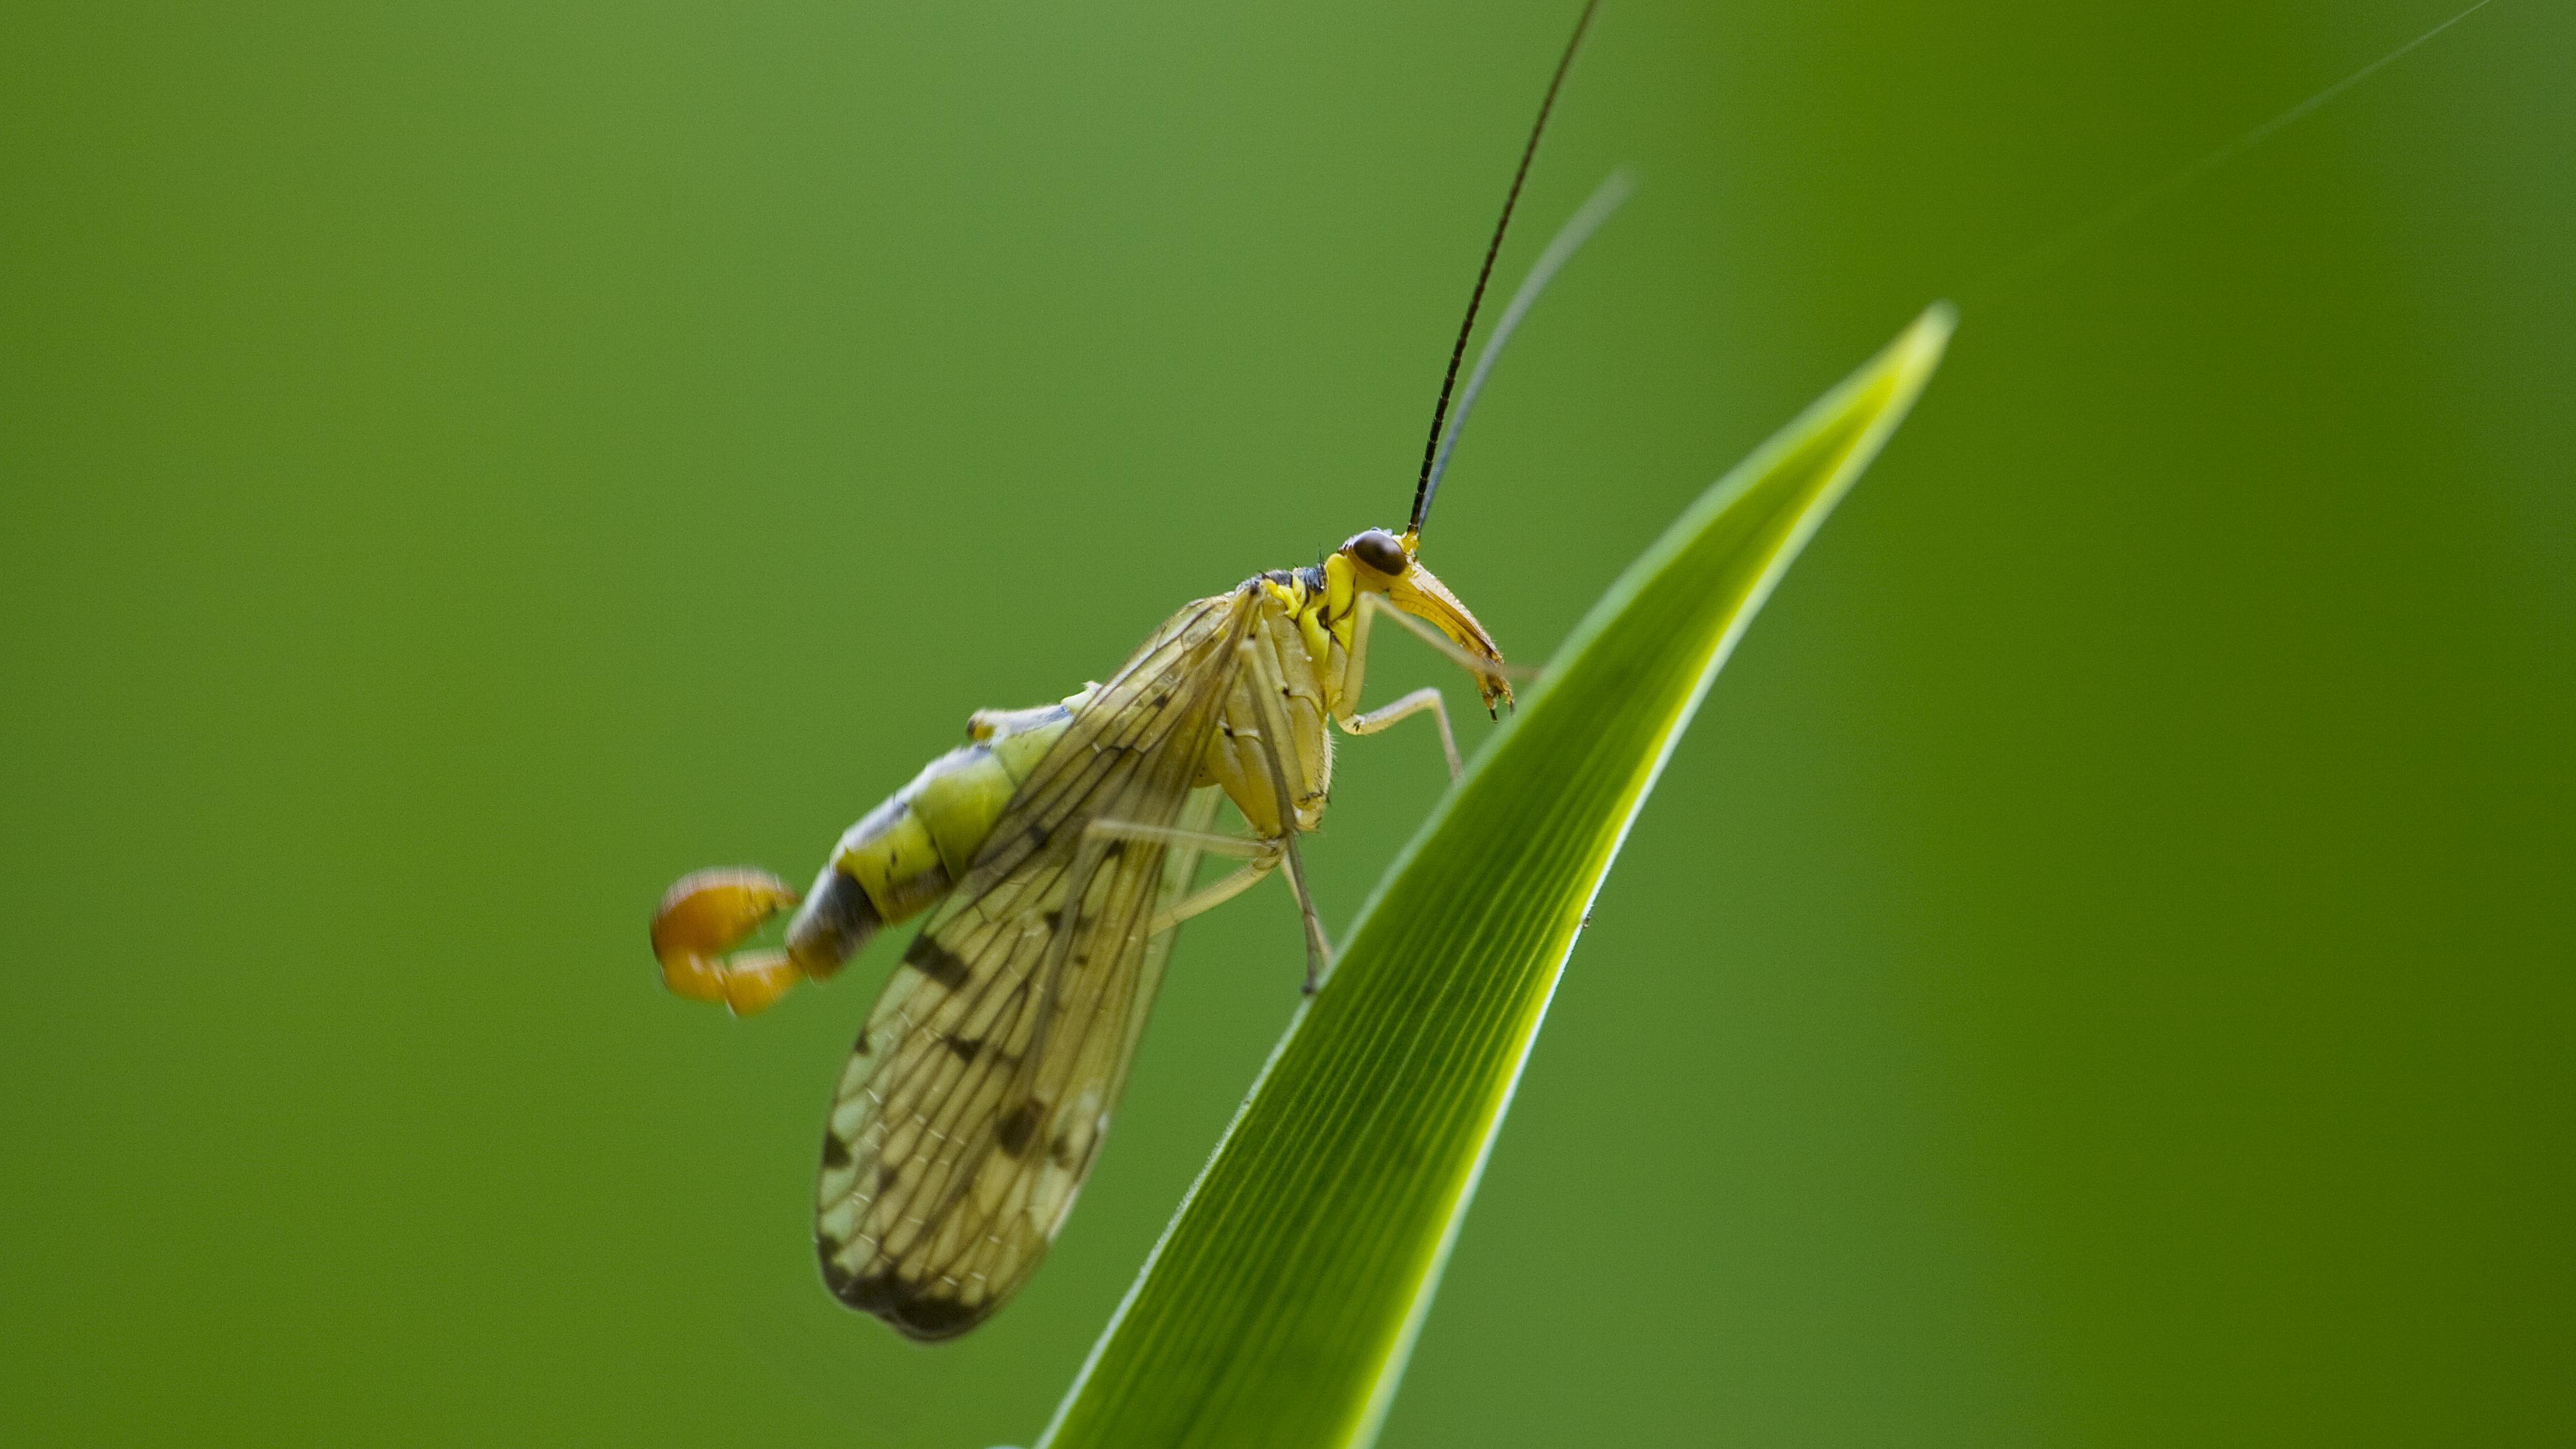 Mückenschutz selber machen: DIY-Tipps gegen Mückenstiche